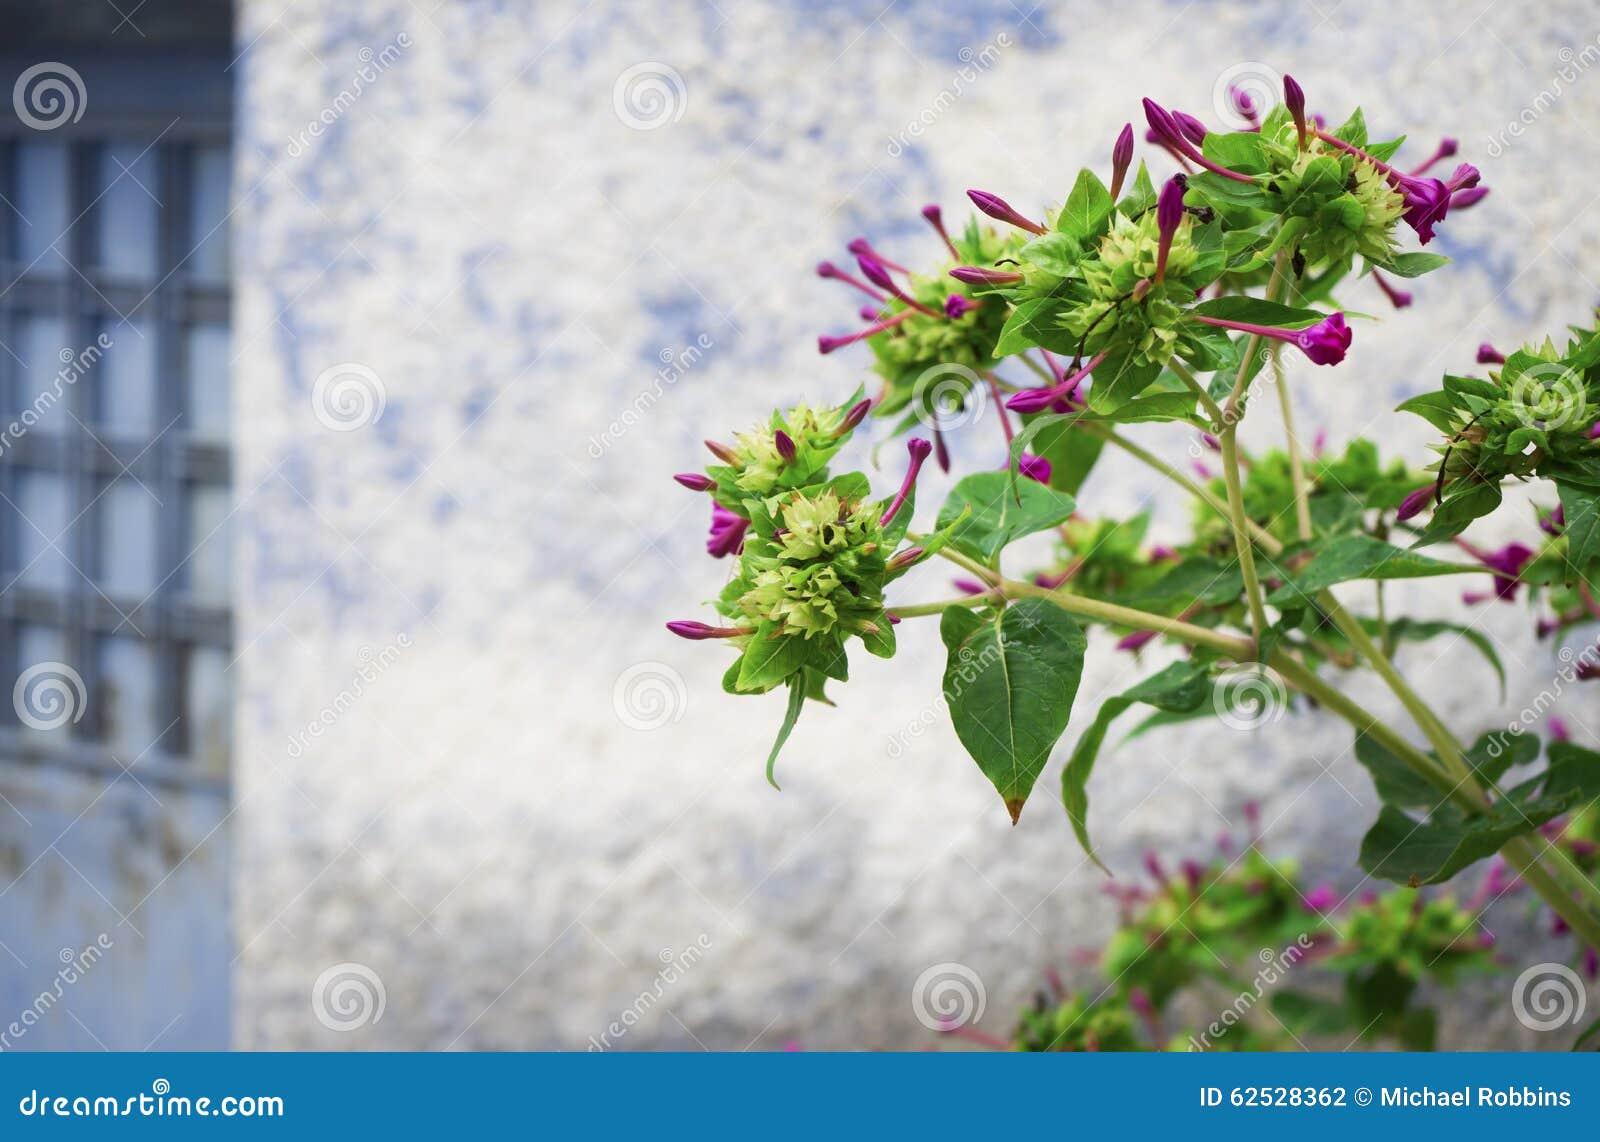 烟草属 装饰烟草植物